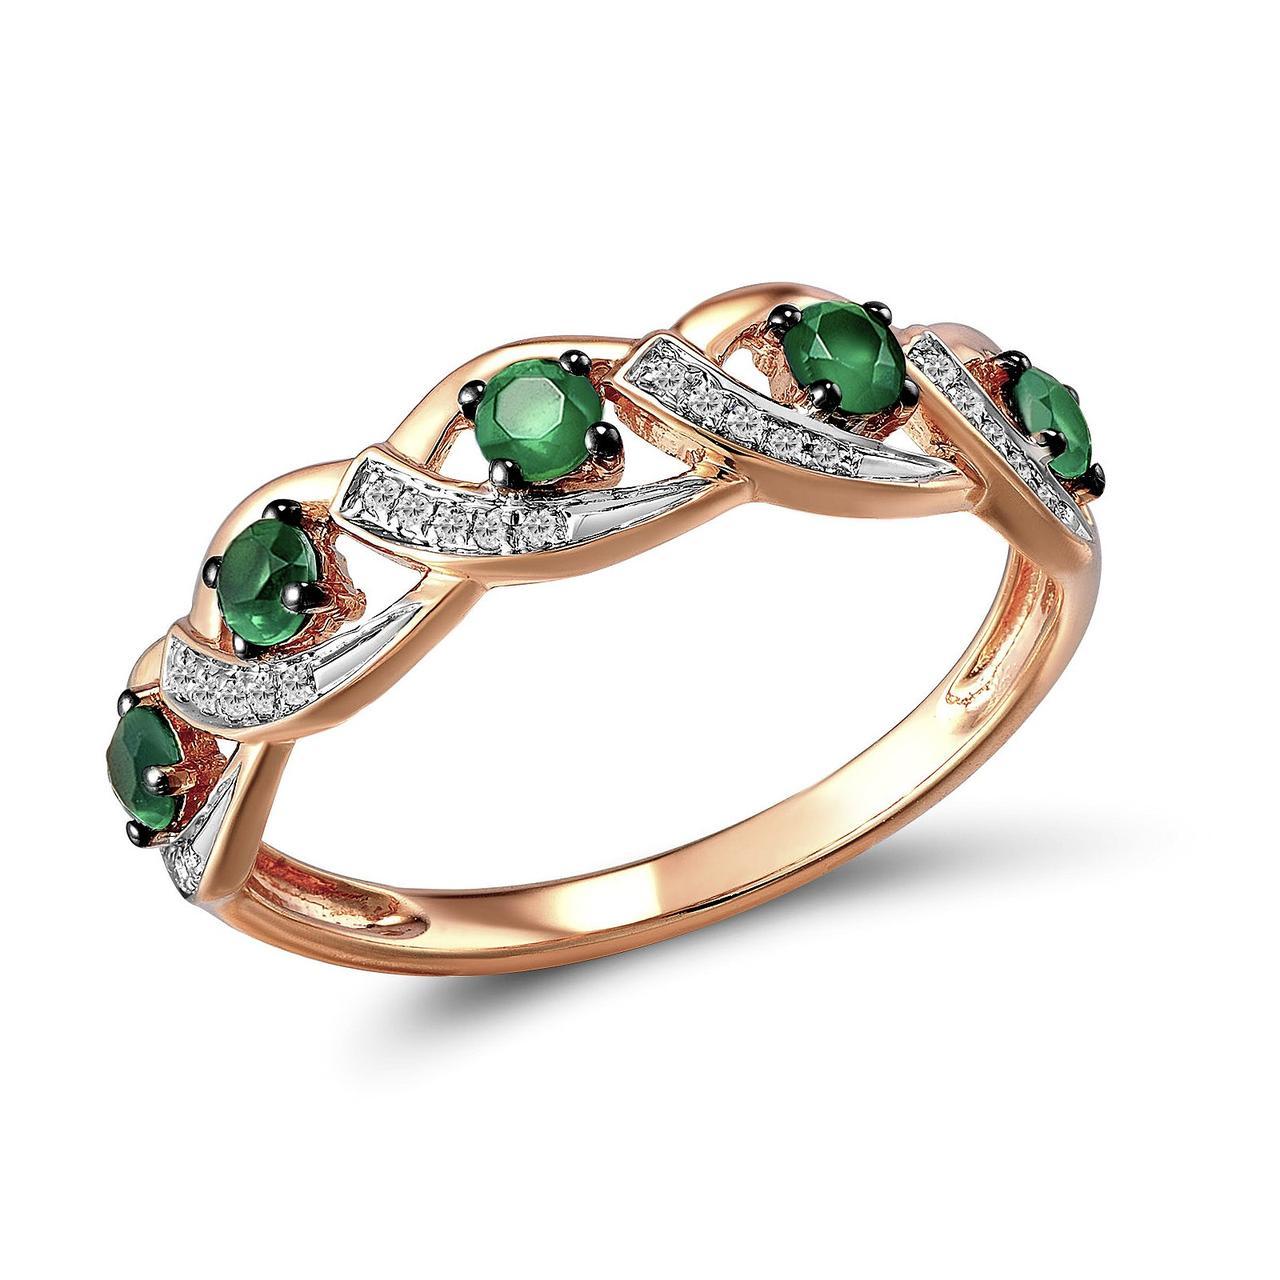 Золотое кольцо с бриллиантами и изумрудами, размер 16.5 (1603719)